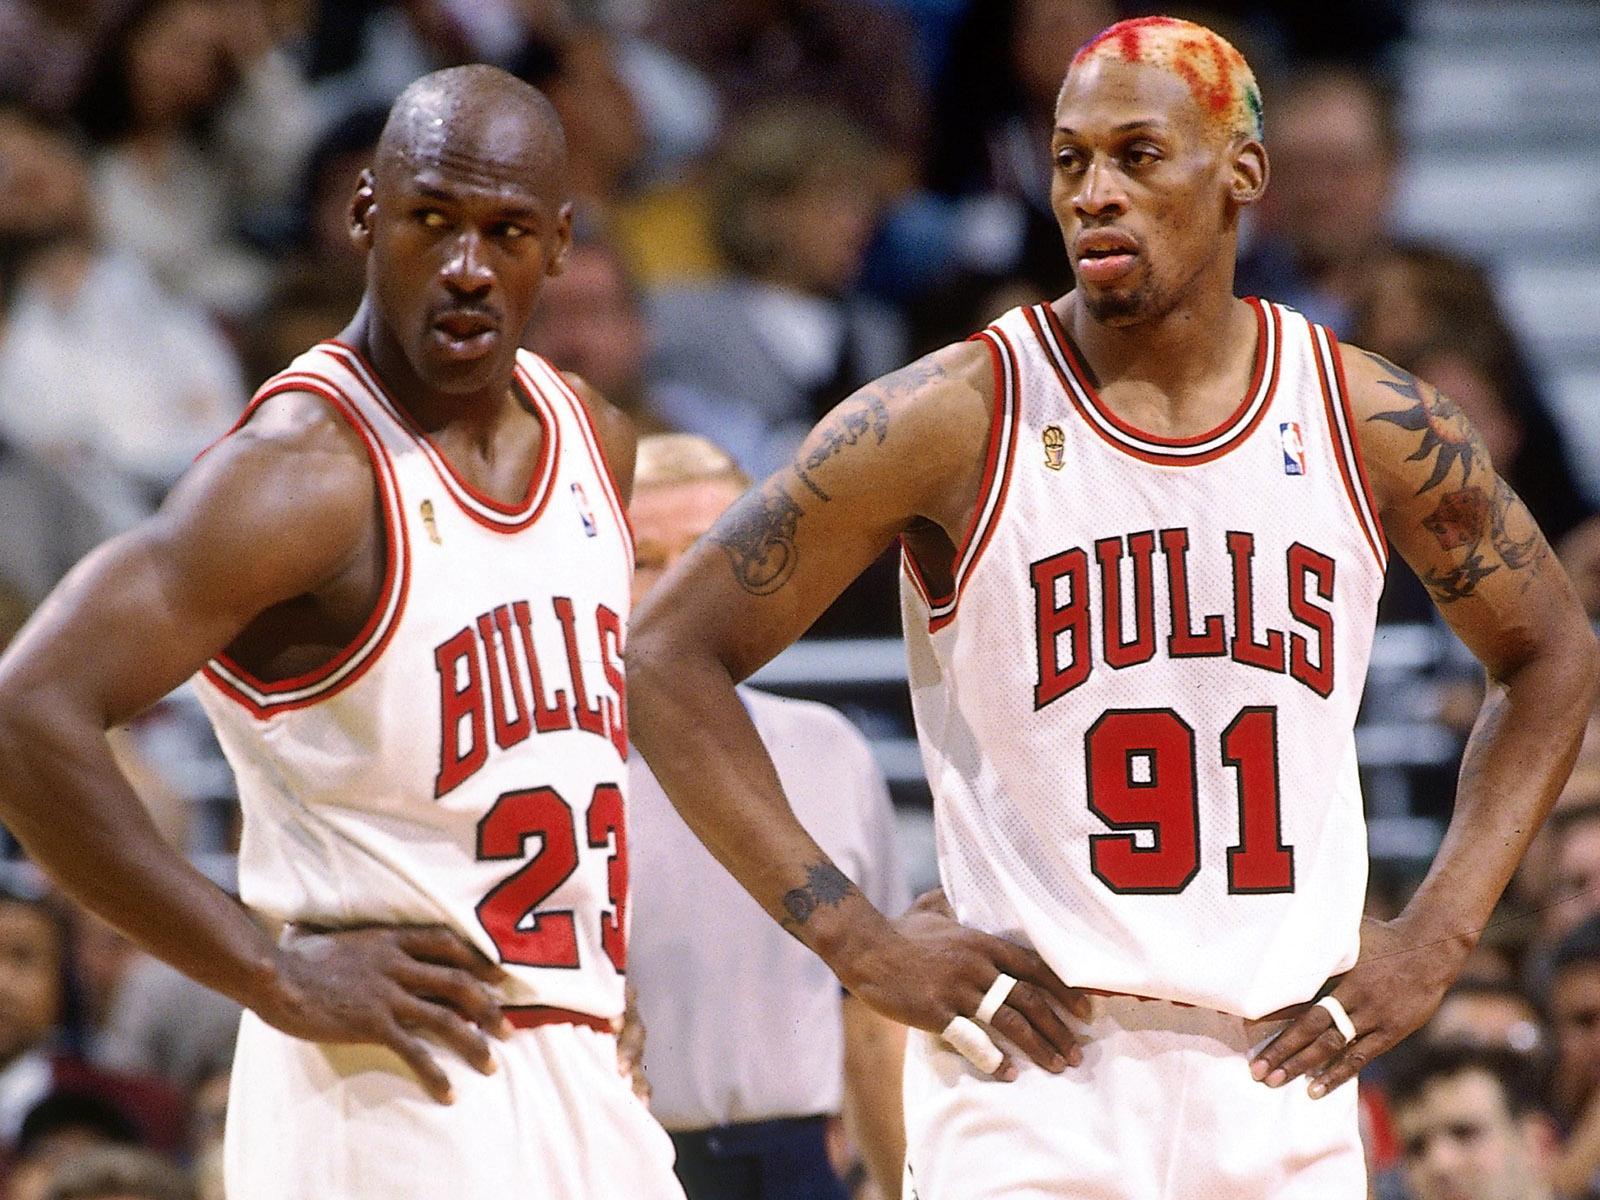 喬神和皮本的球衣都被公牛退役!為何小蟲Rodman沒有?原因令人惋惜!